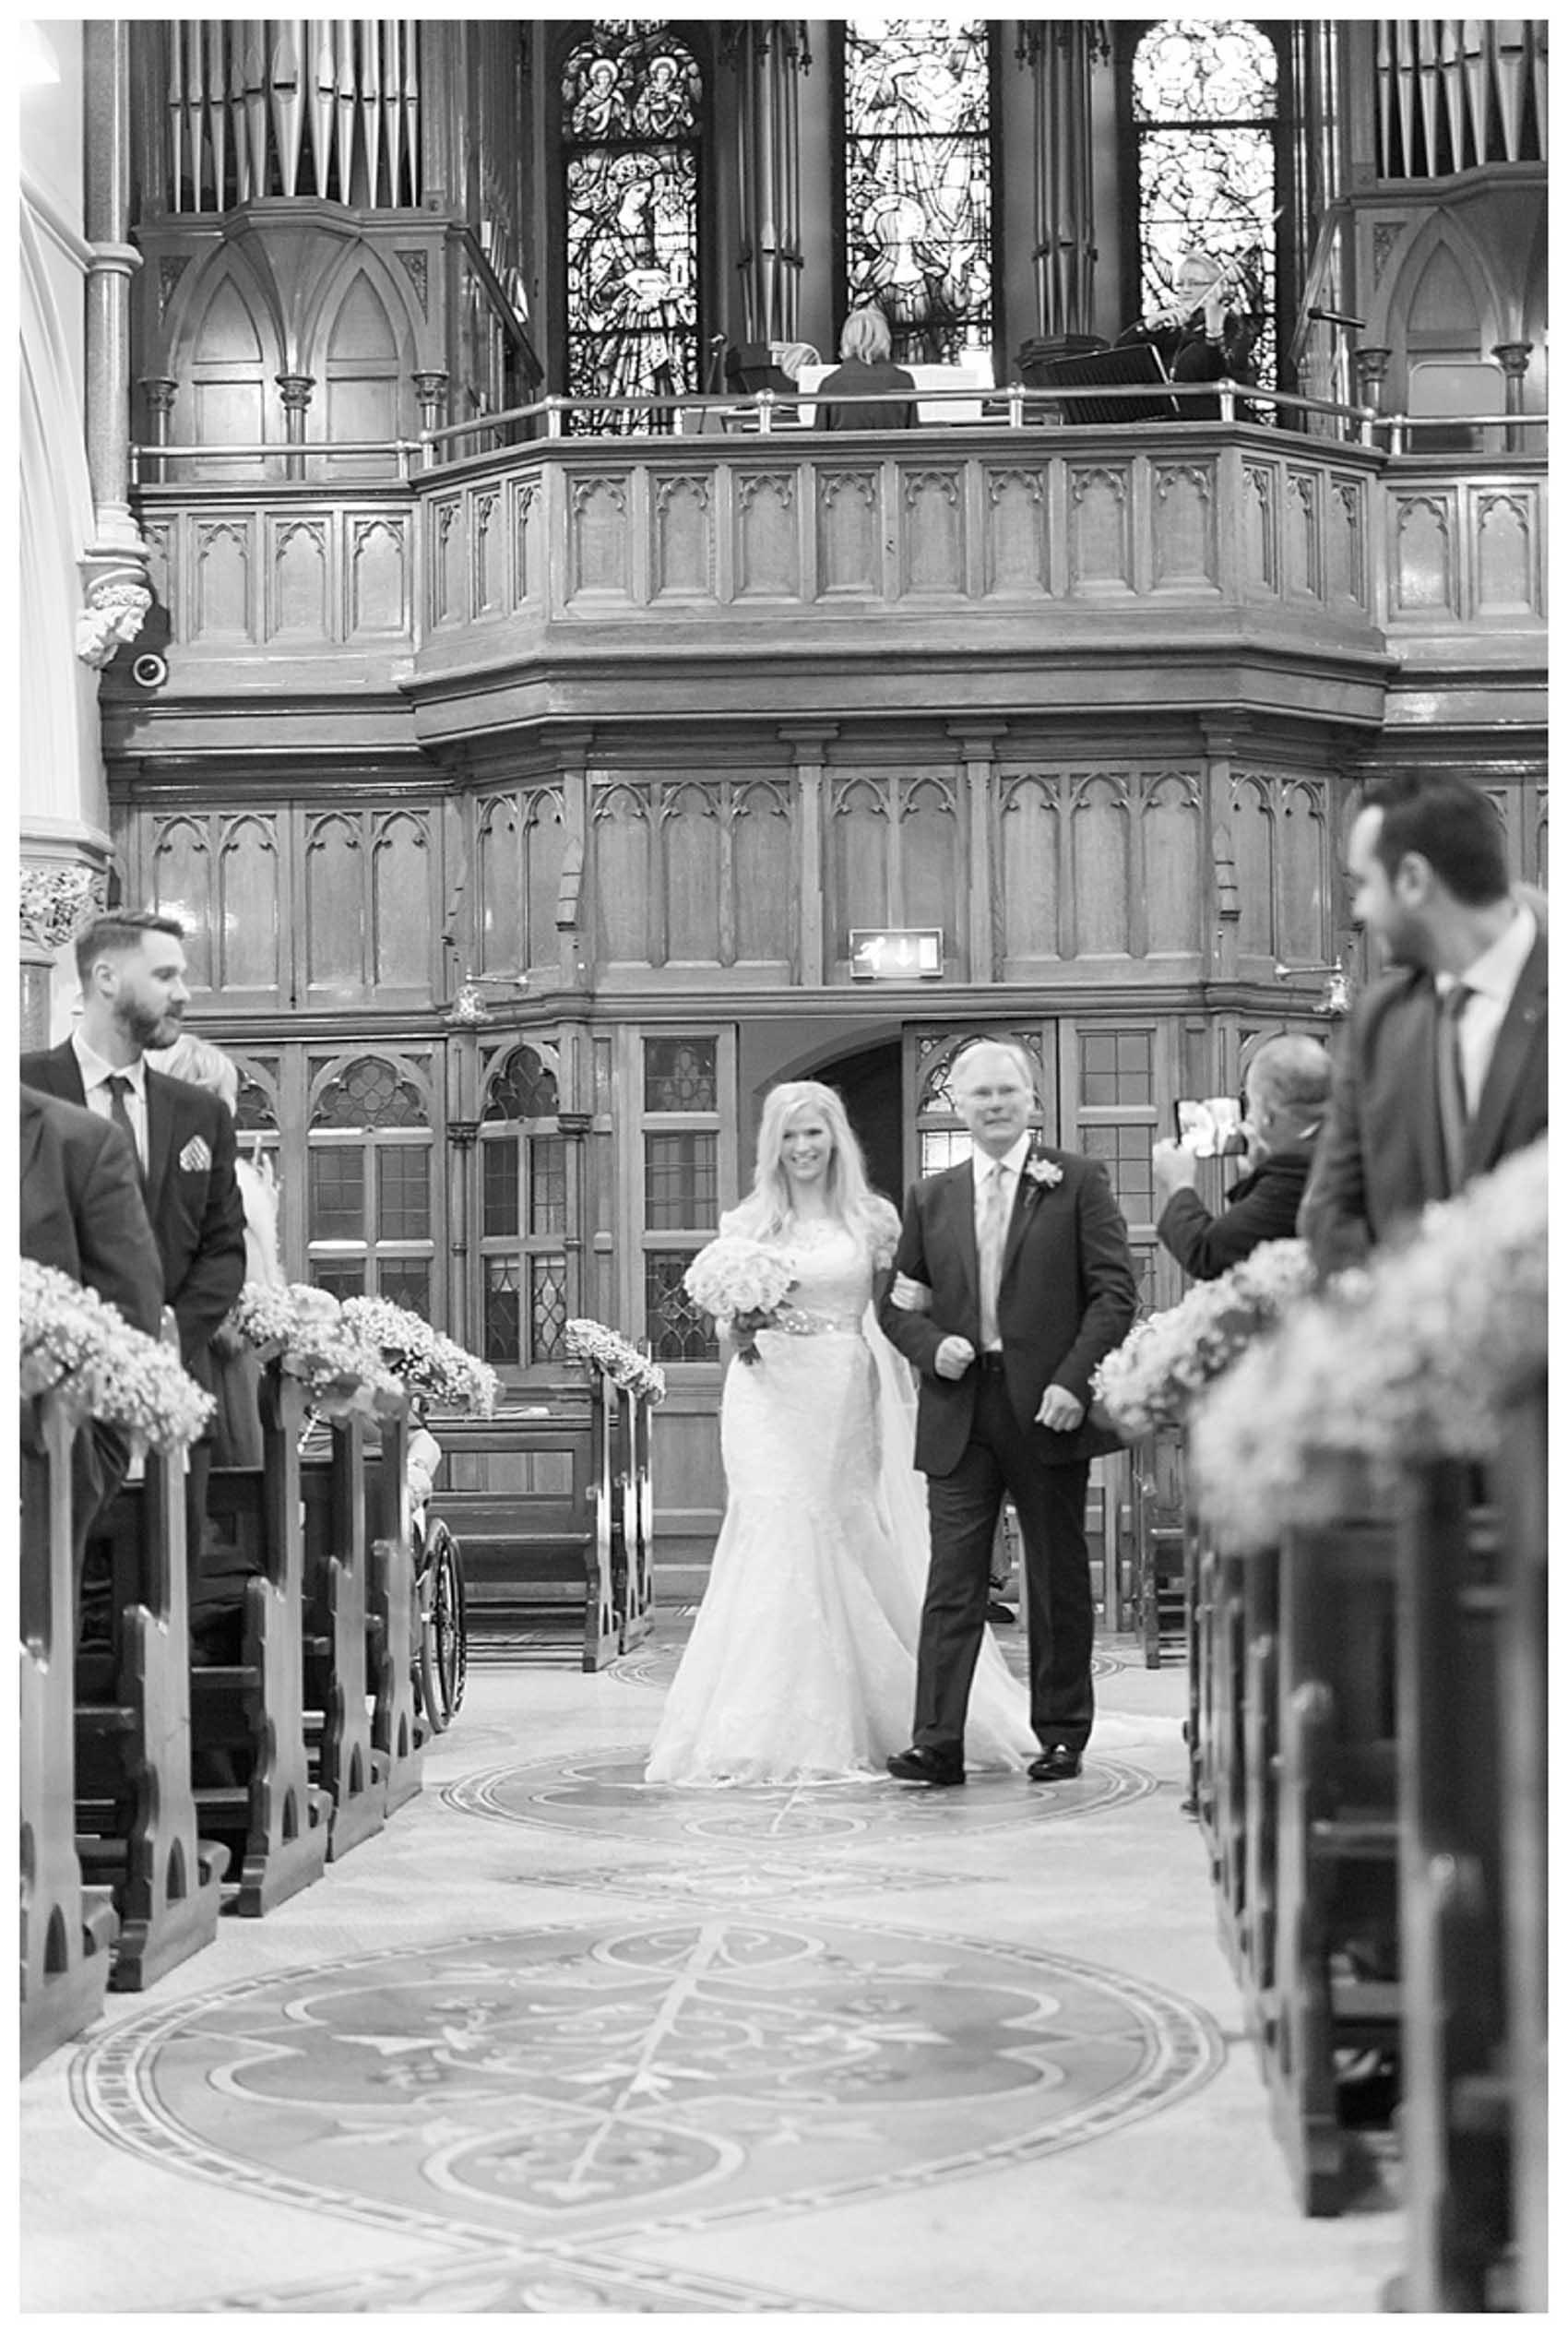 Larchfield Estate Wedding Photography by Ricky Parker Photography-31